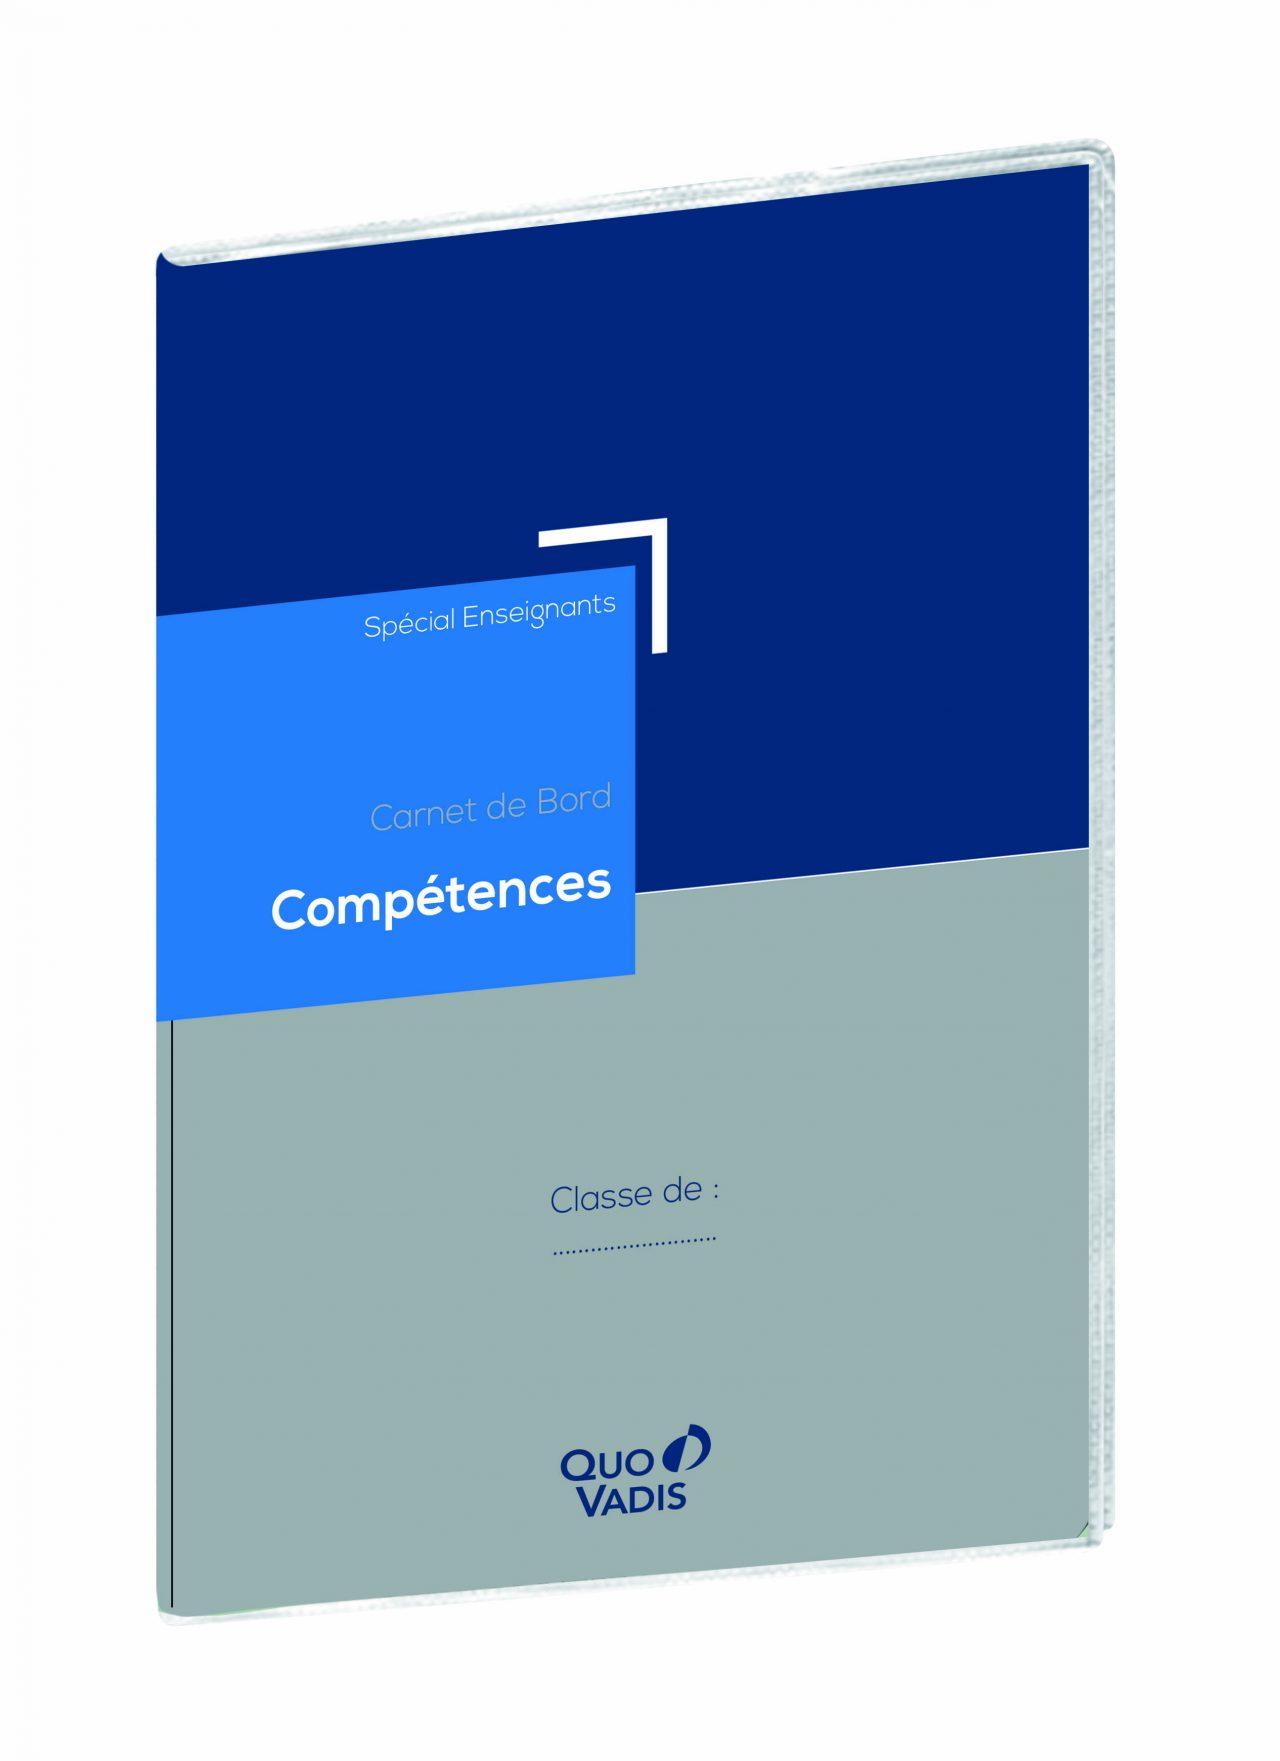 Carnet de bord Compétences - agenda et carnet de bord pour les enseignants et professeurs